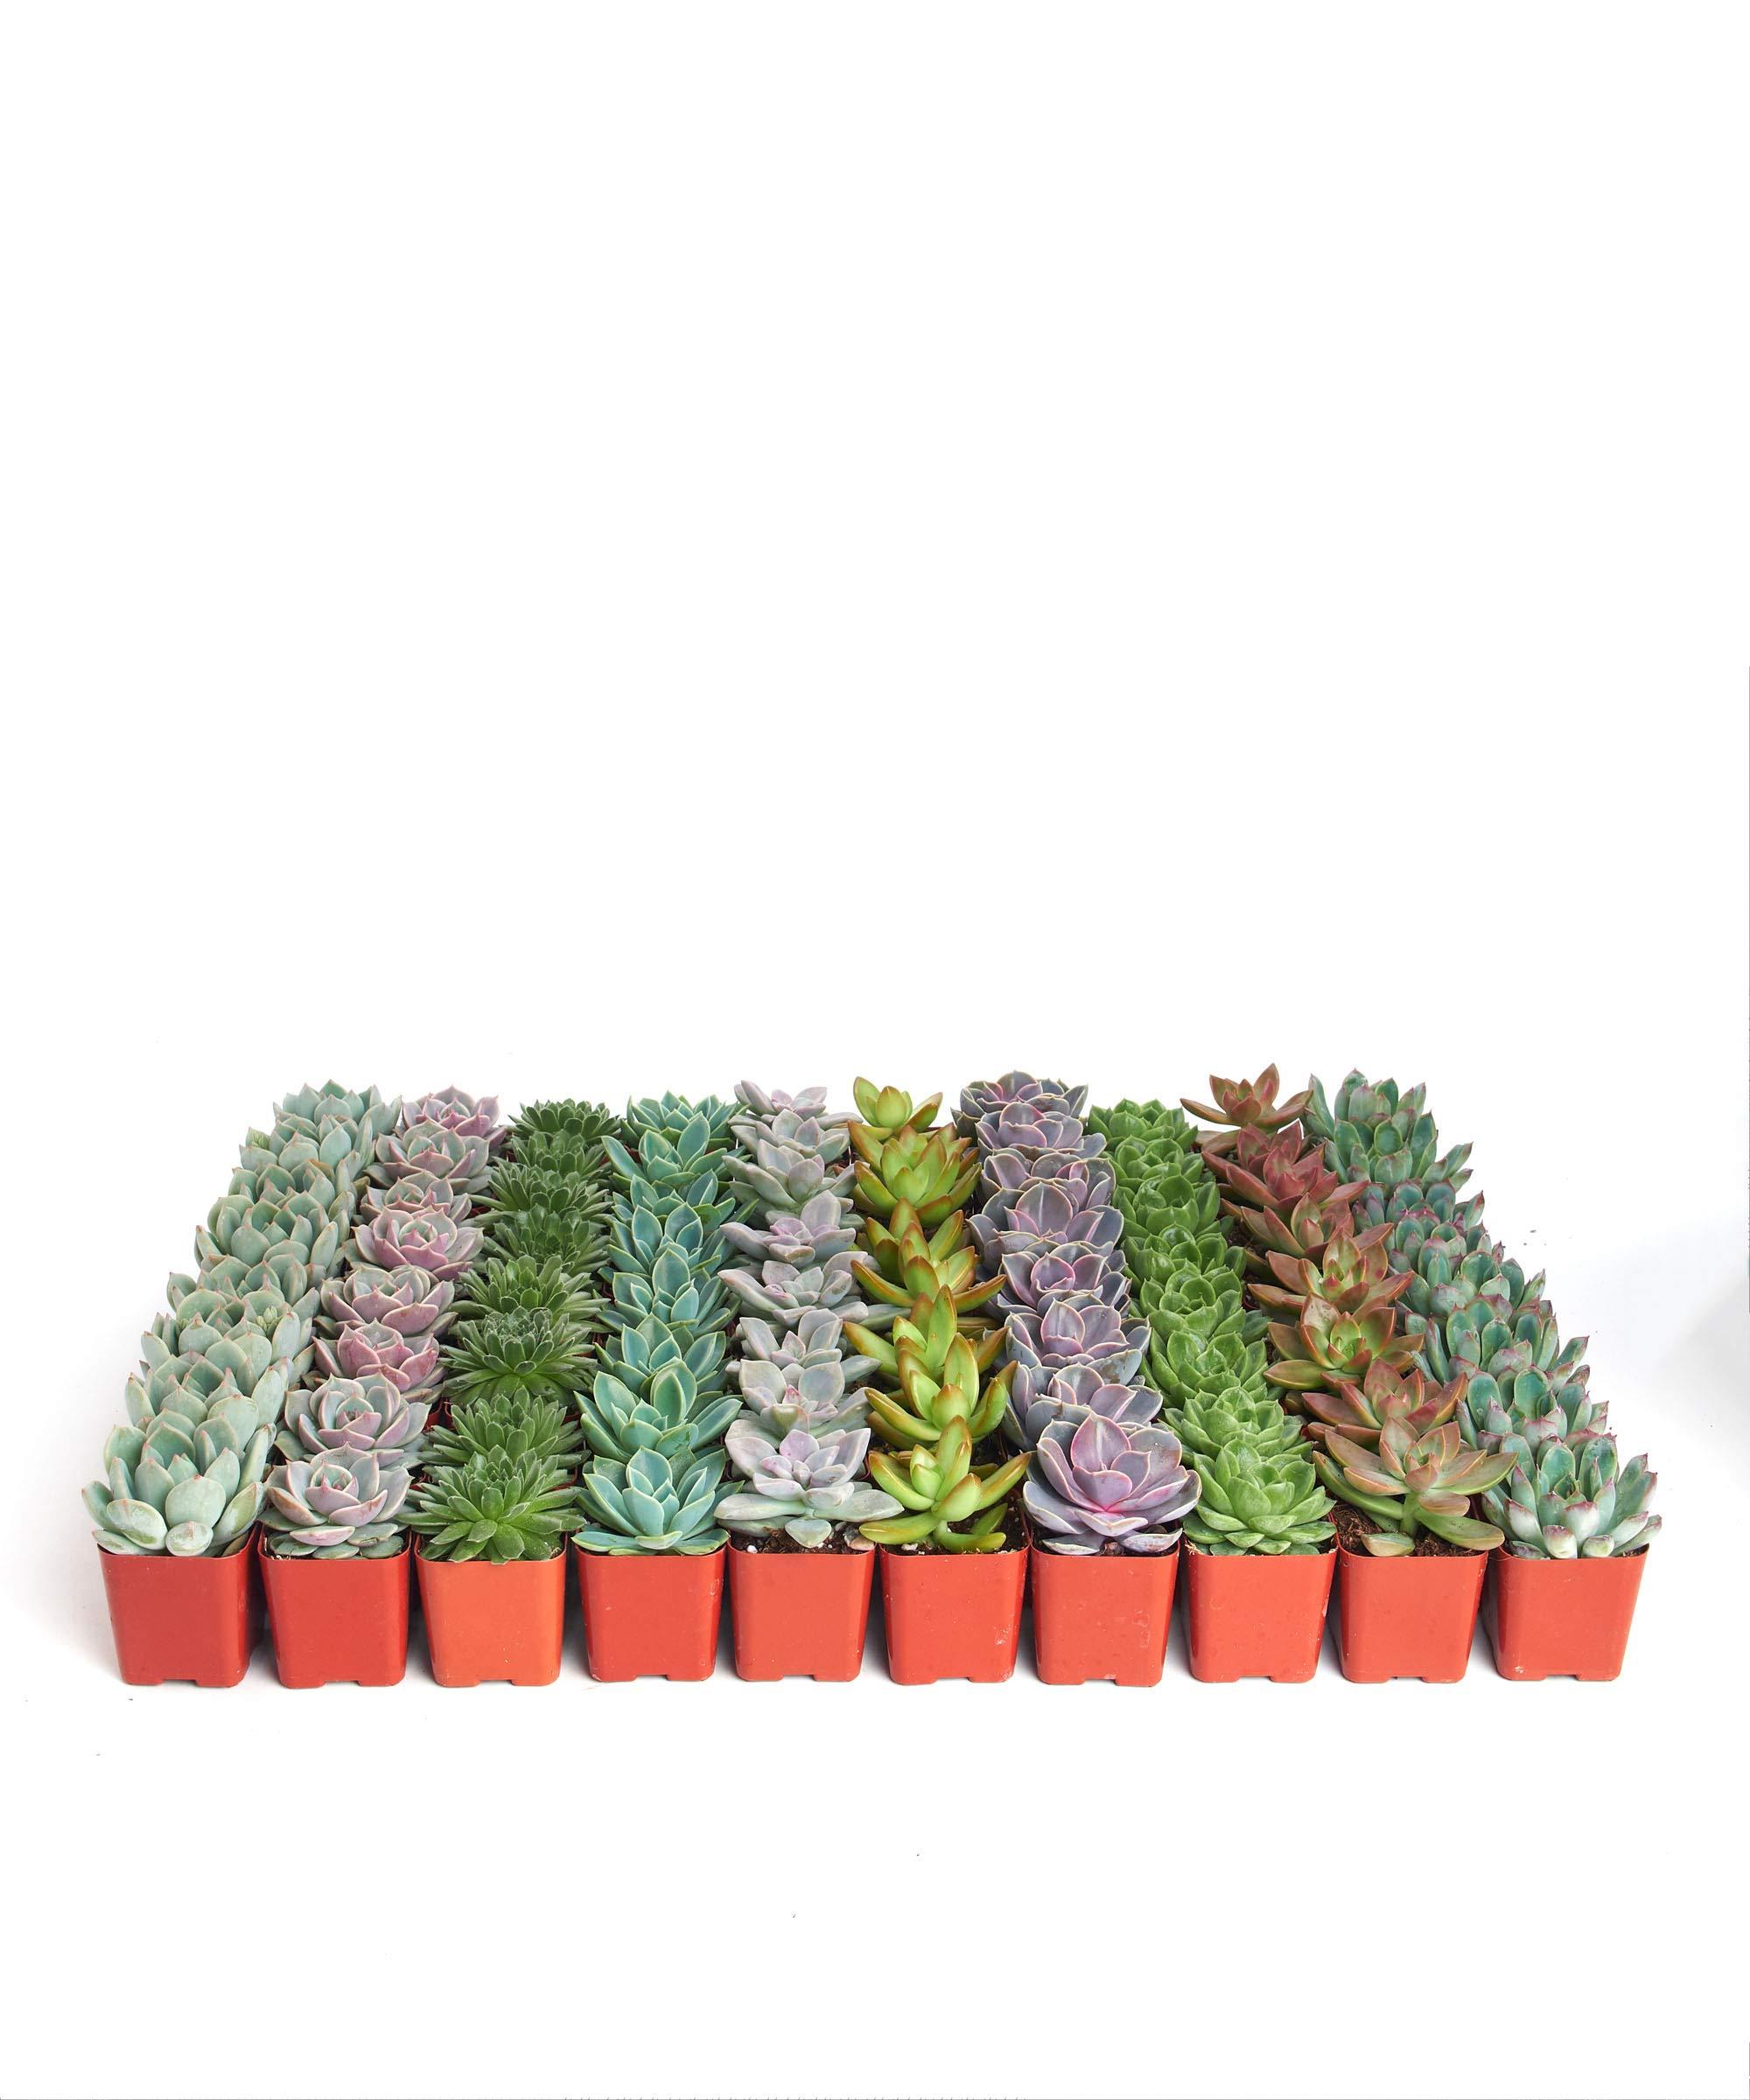 Shop Succulents Rosette Succulent (Collection of 40) by Shop Succulents (Image #2)